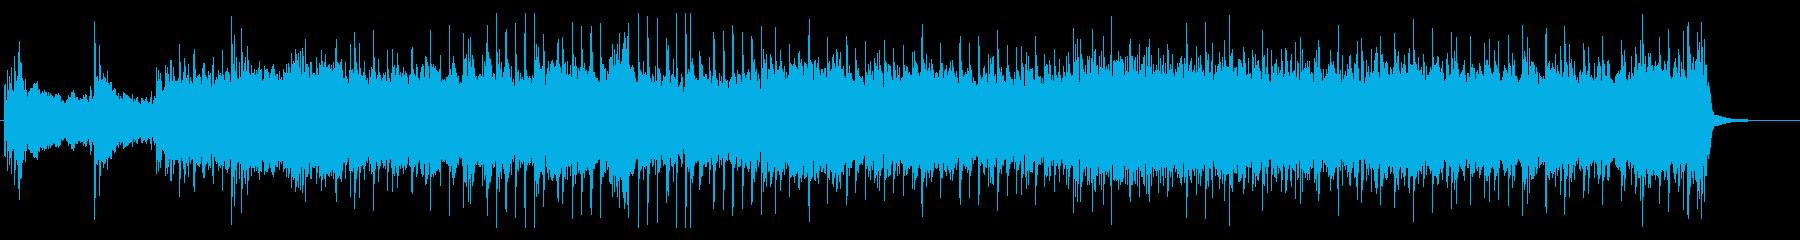 戦闘曲等に使えるHR/HMギターインストの再生済みの波形